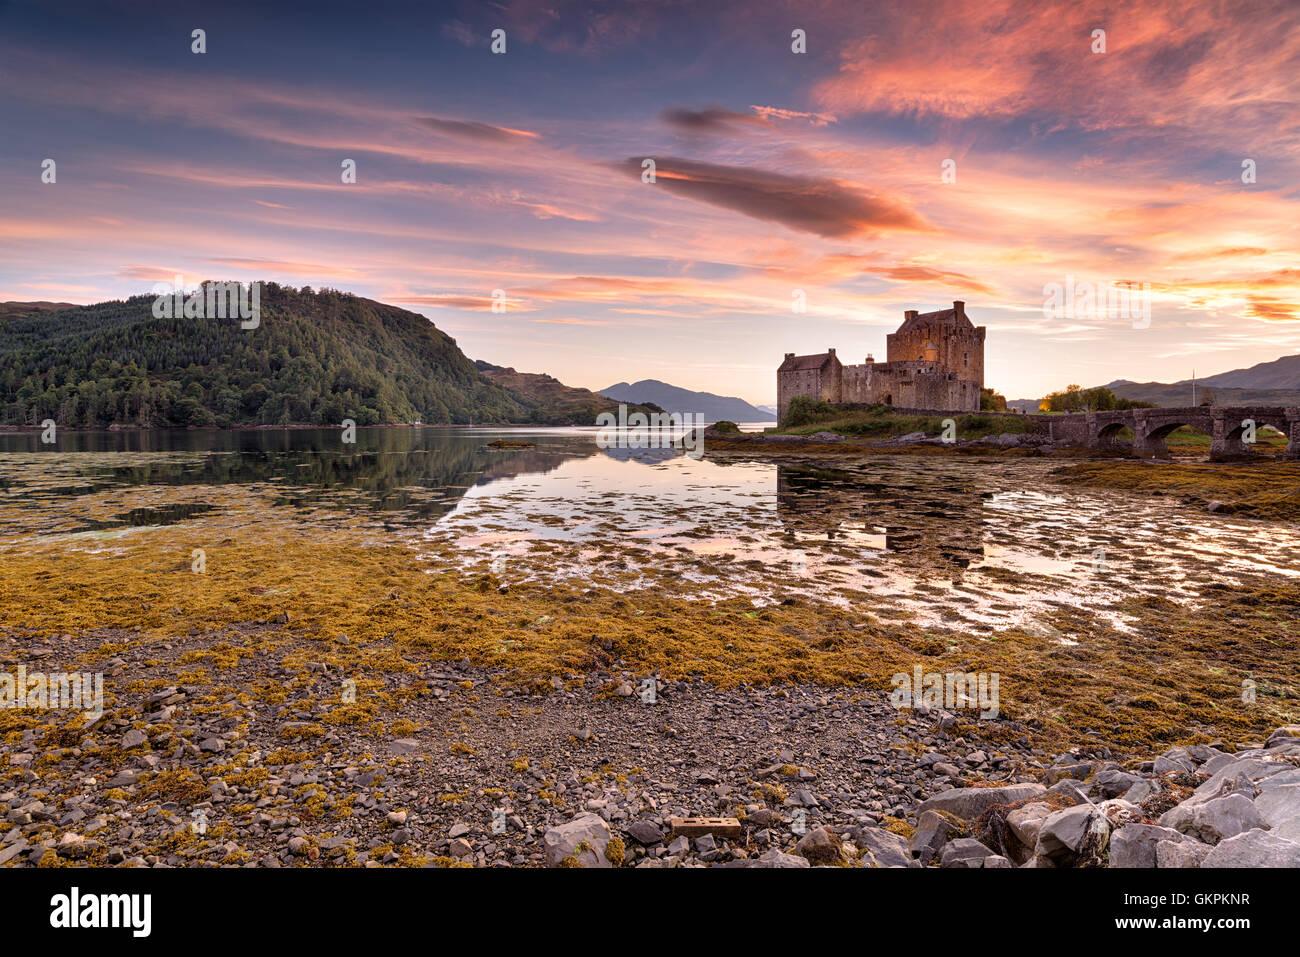 Superbe ciel du soir sur le château d'Eilean Donan sur la côte ouest de l'Scottsih highlands Photo Stock